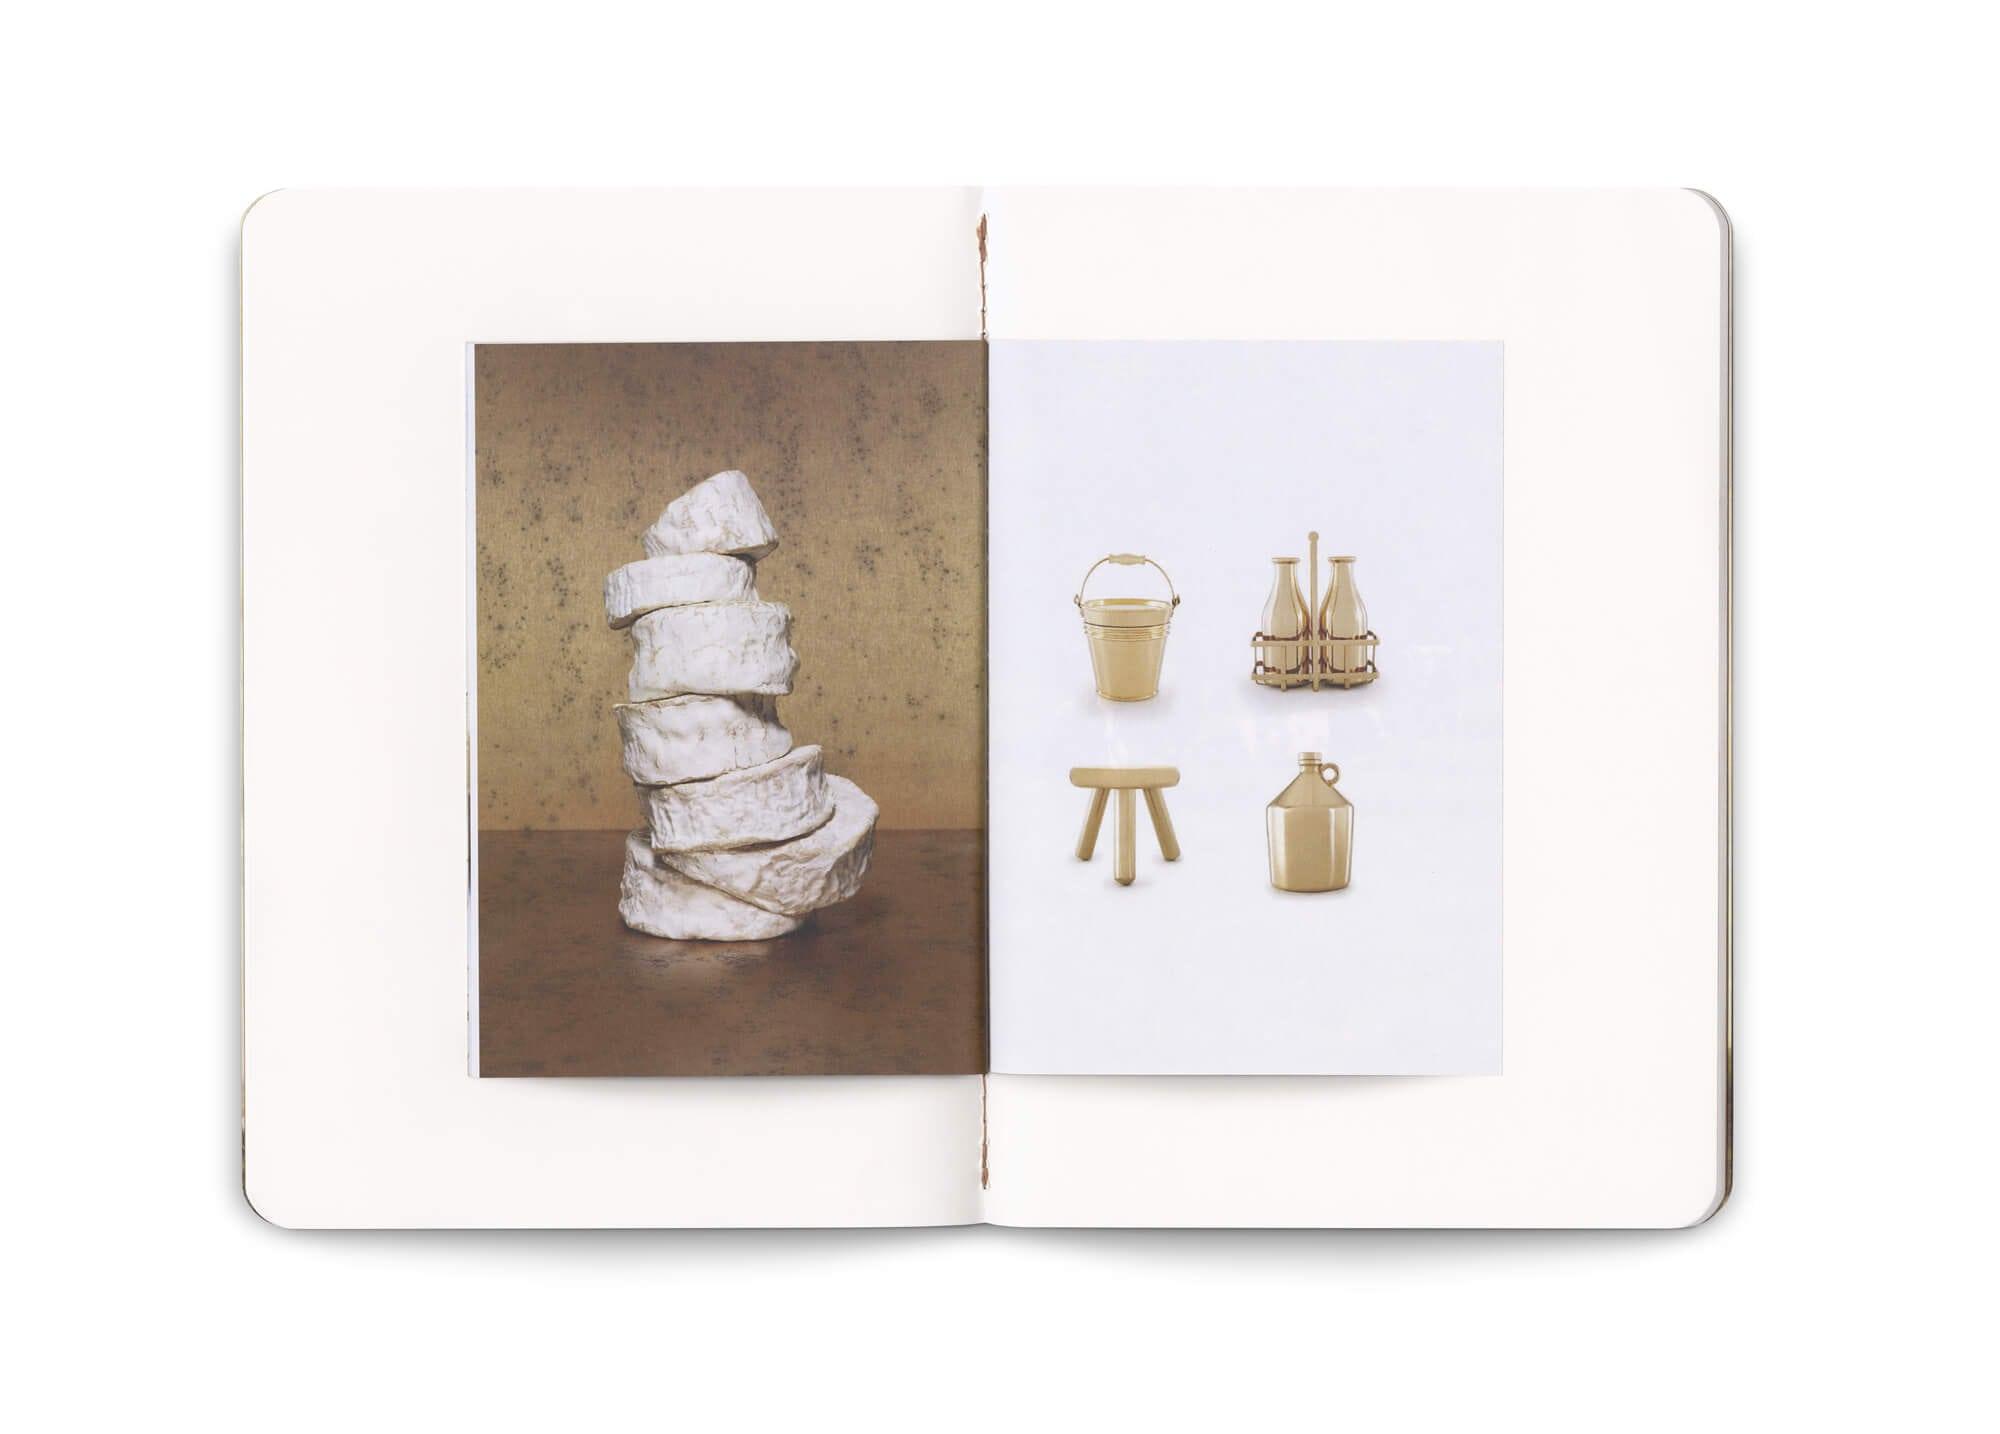 double page du carnet dans le carnet, think milk pour la milk factory, un objet éditorial luxueux par le studio Ich&Kar